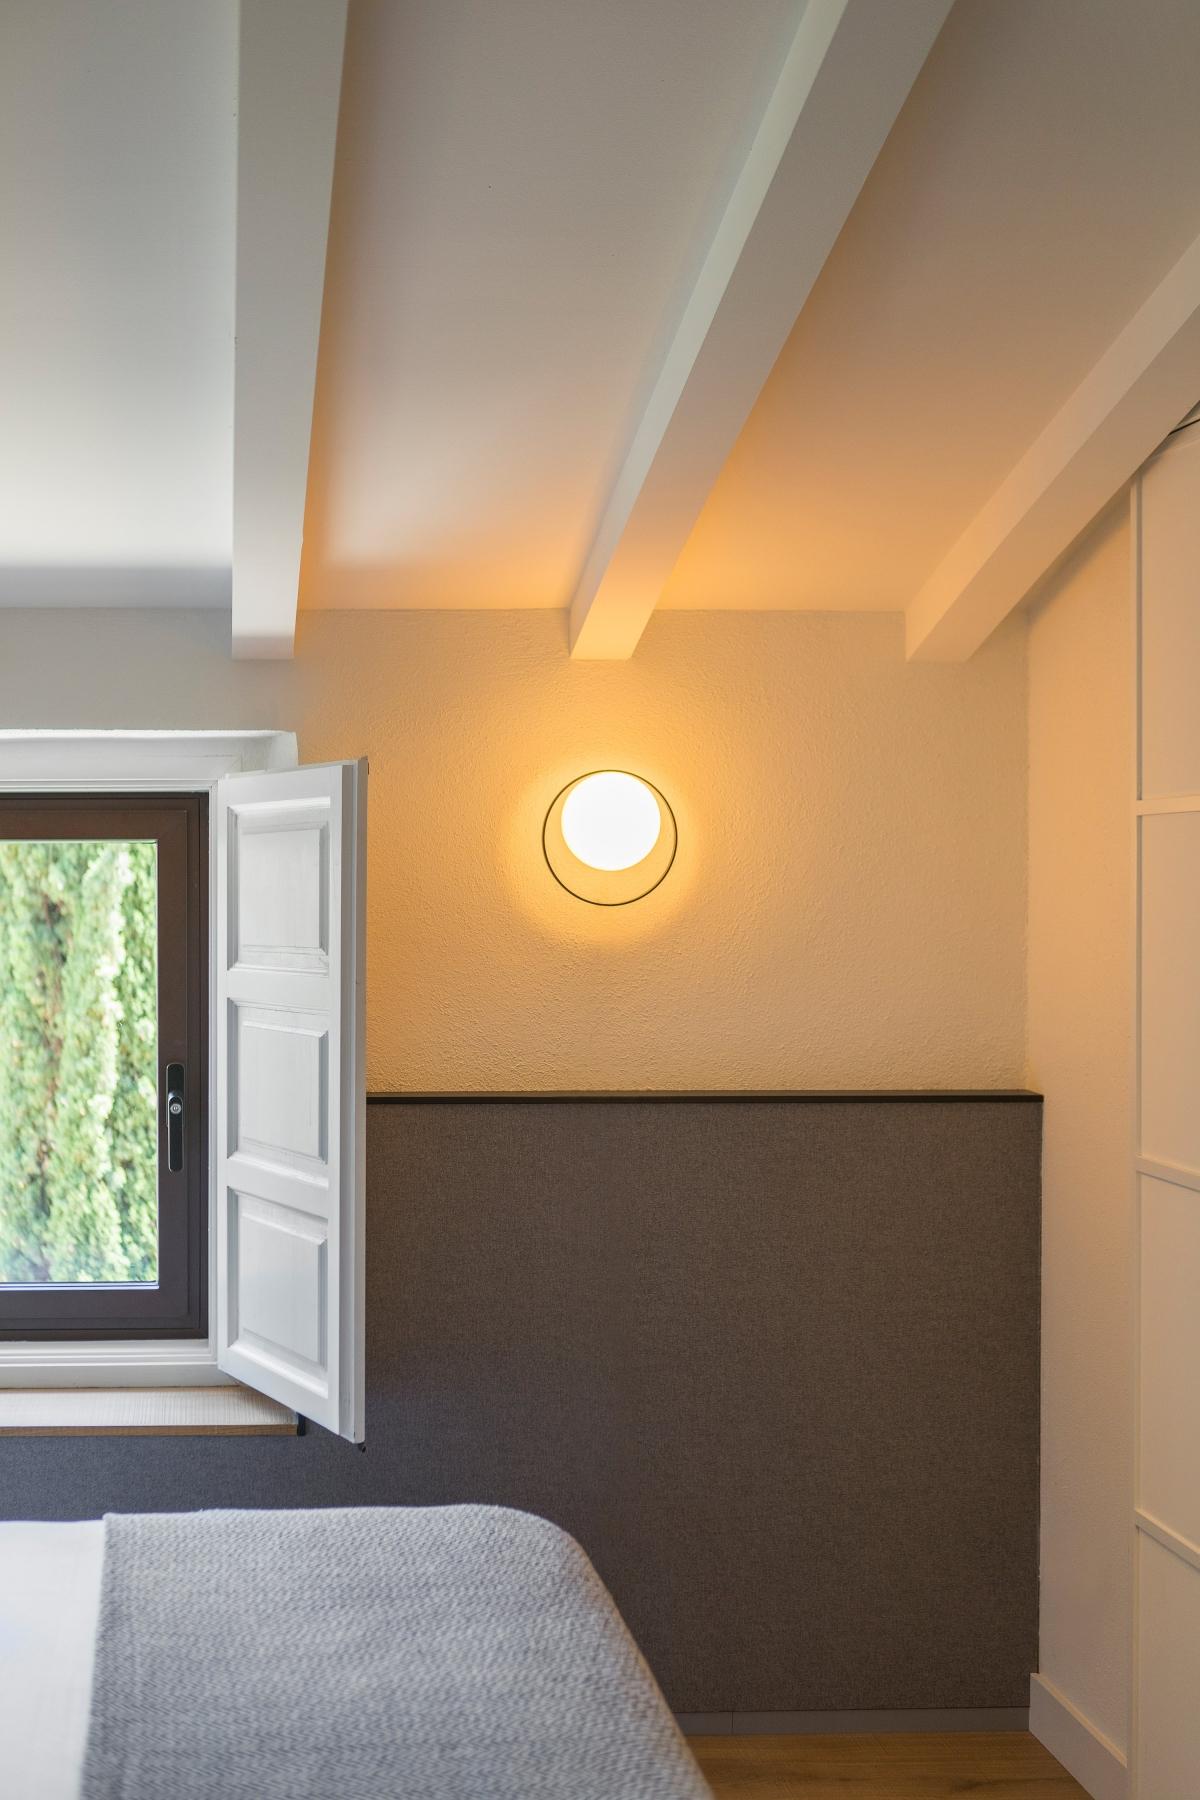 Foto de Aplique de pared redondo Circ de Interior en Negro de ambiente en una habitación.Estiluz